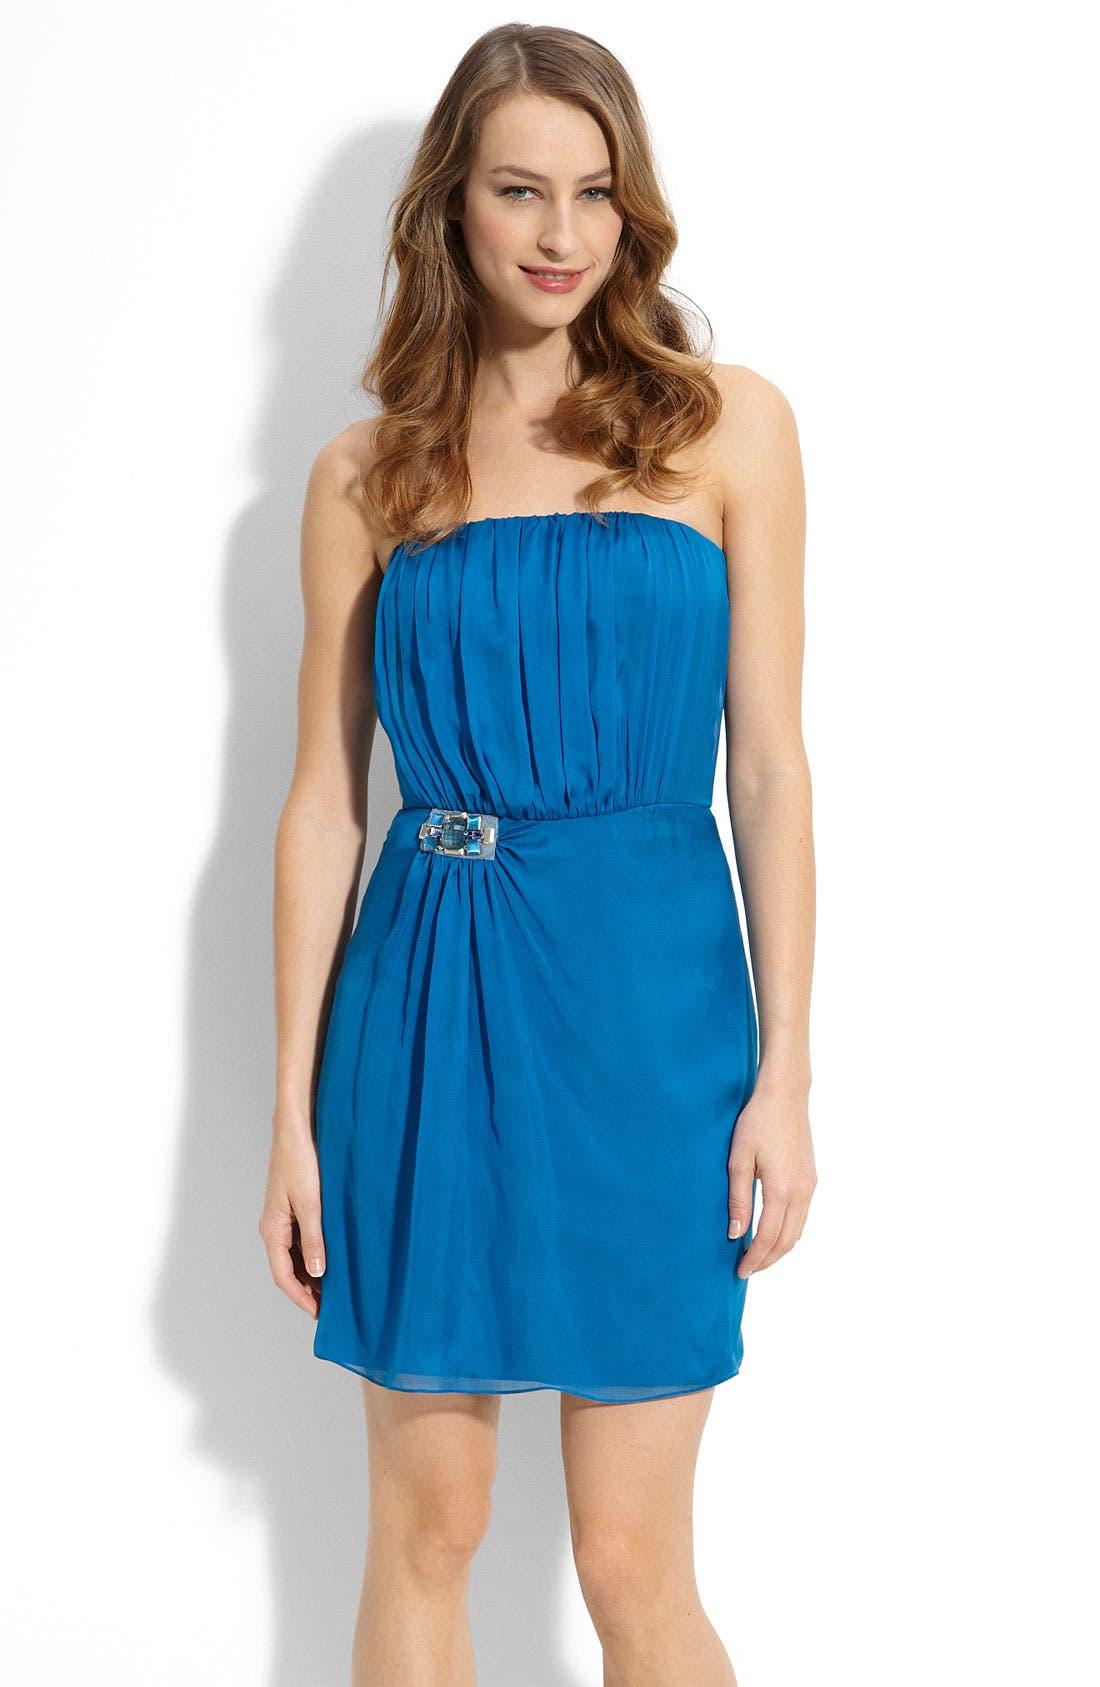 Main Image - MBN Jewel Waist Strapless Chiffon Dress